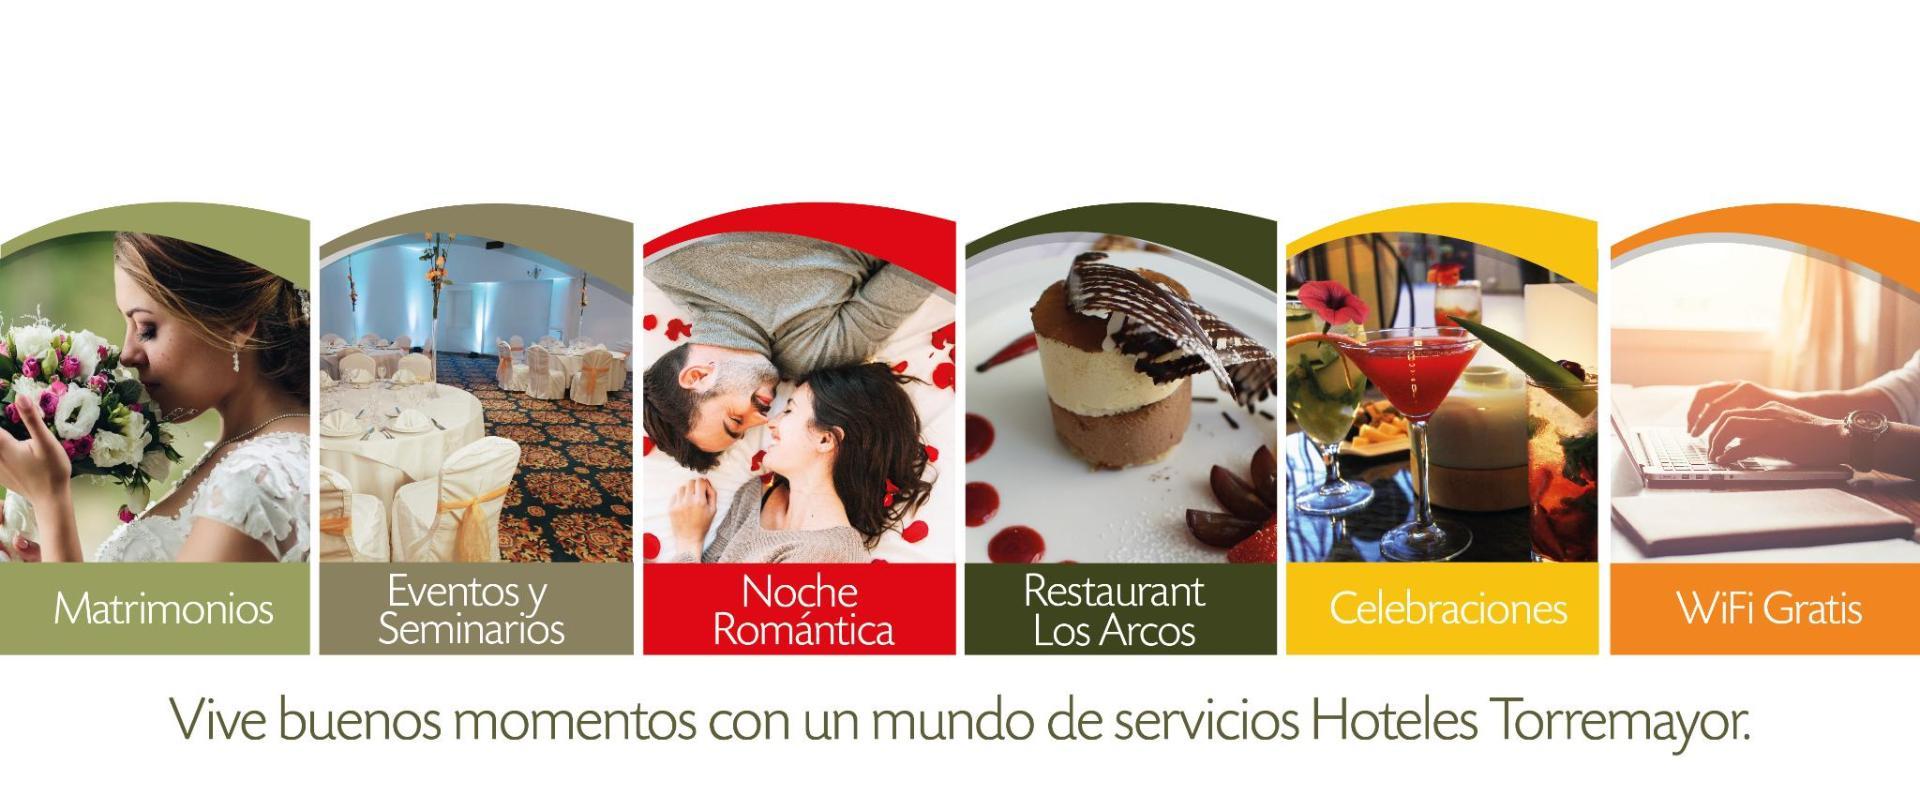 banner-serviciosLyon.jpg